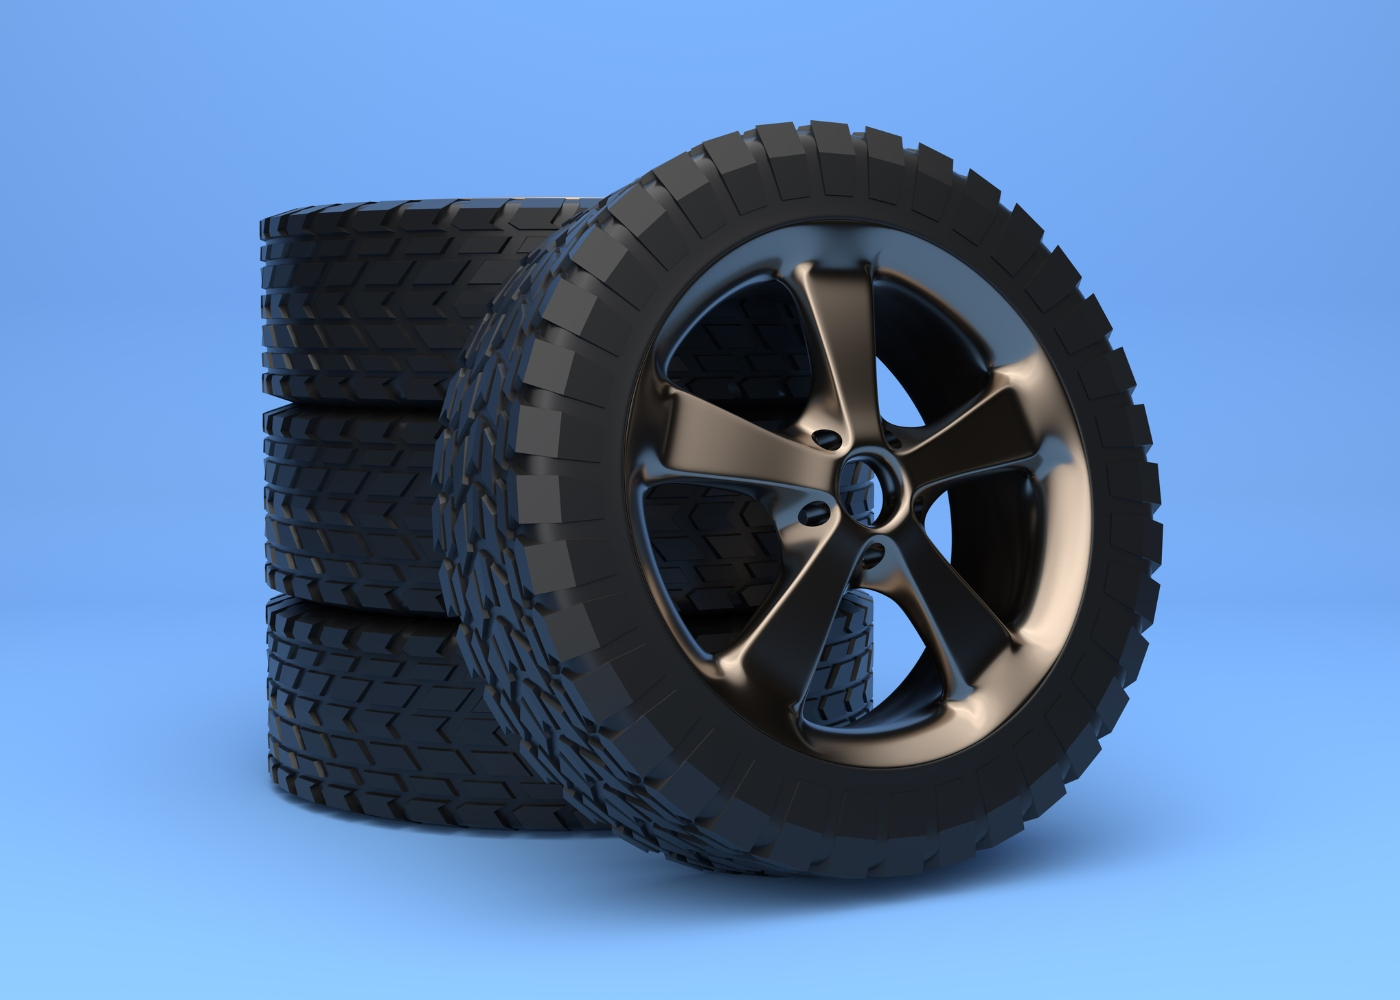 jantes e pneus de carro